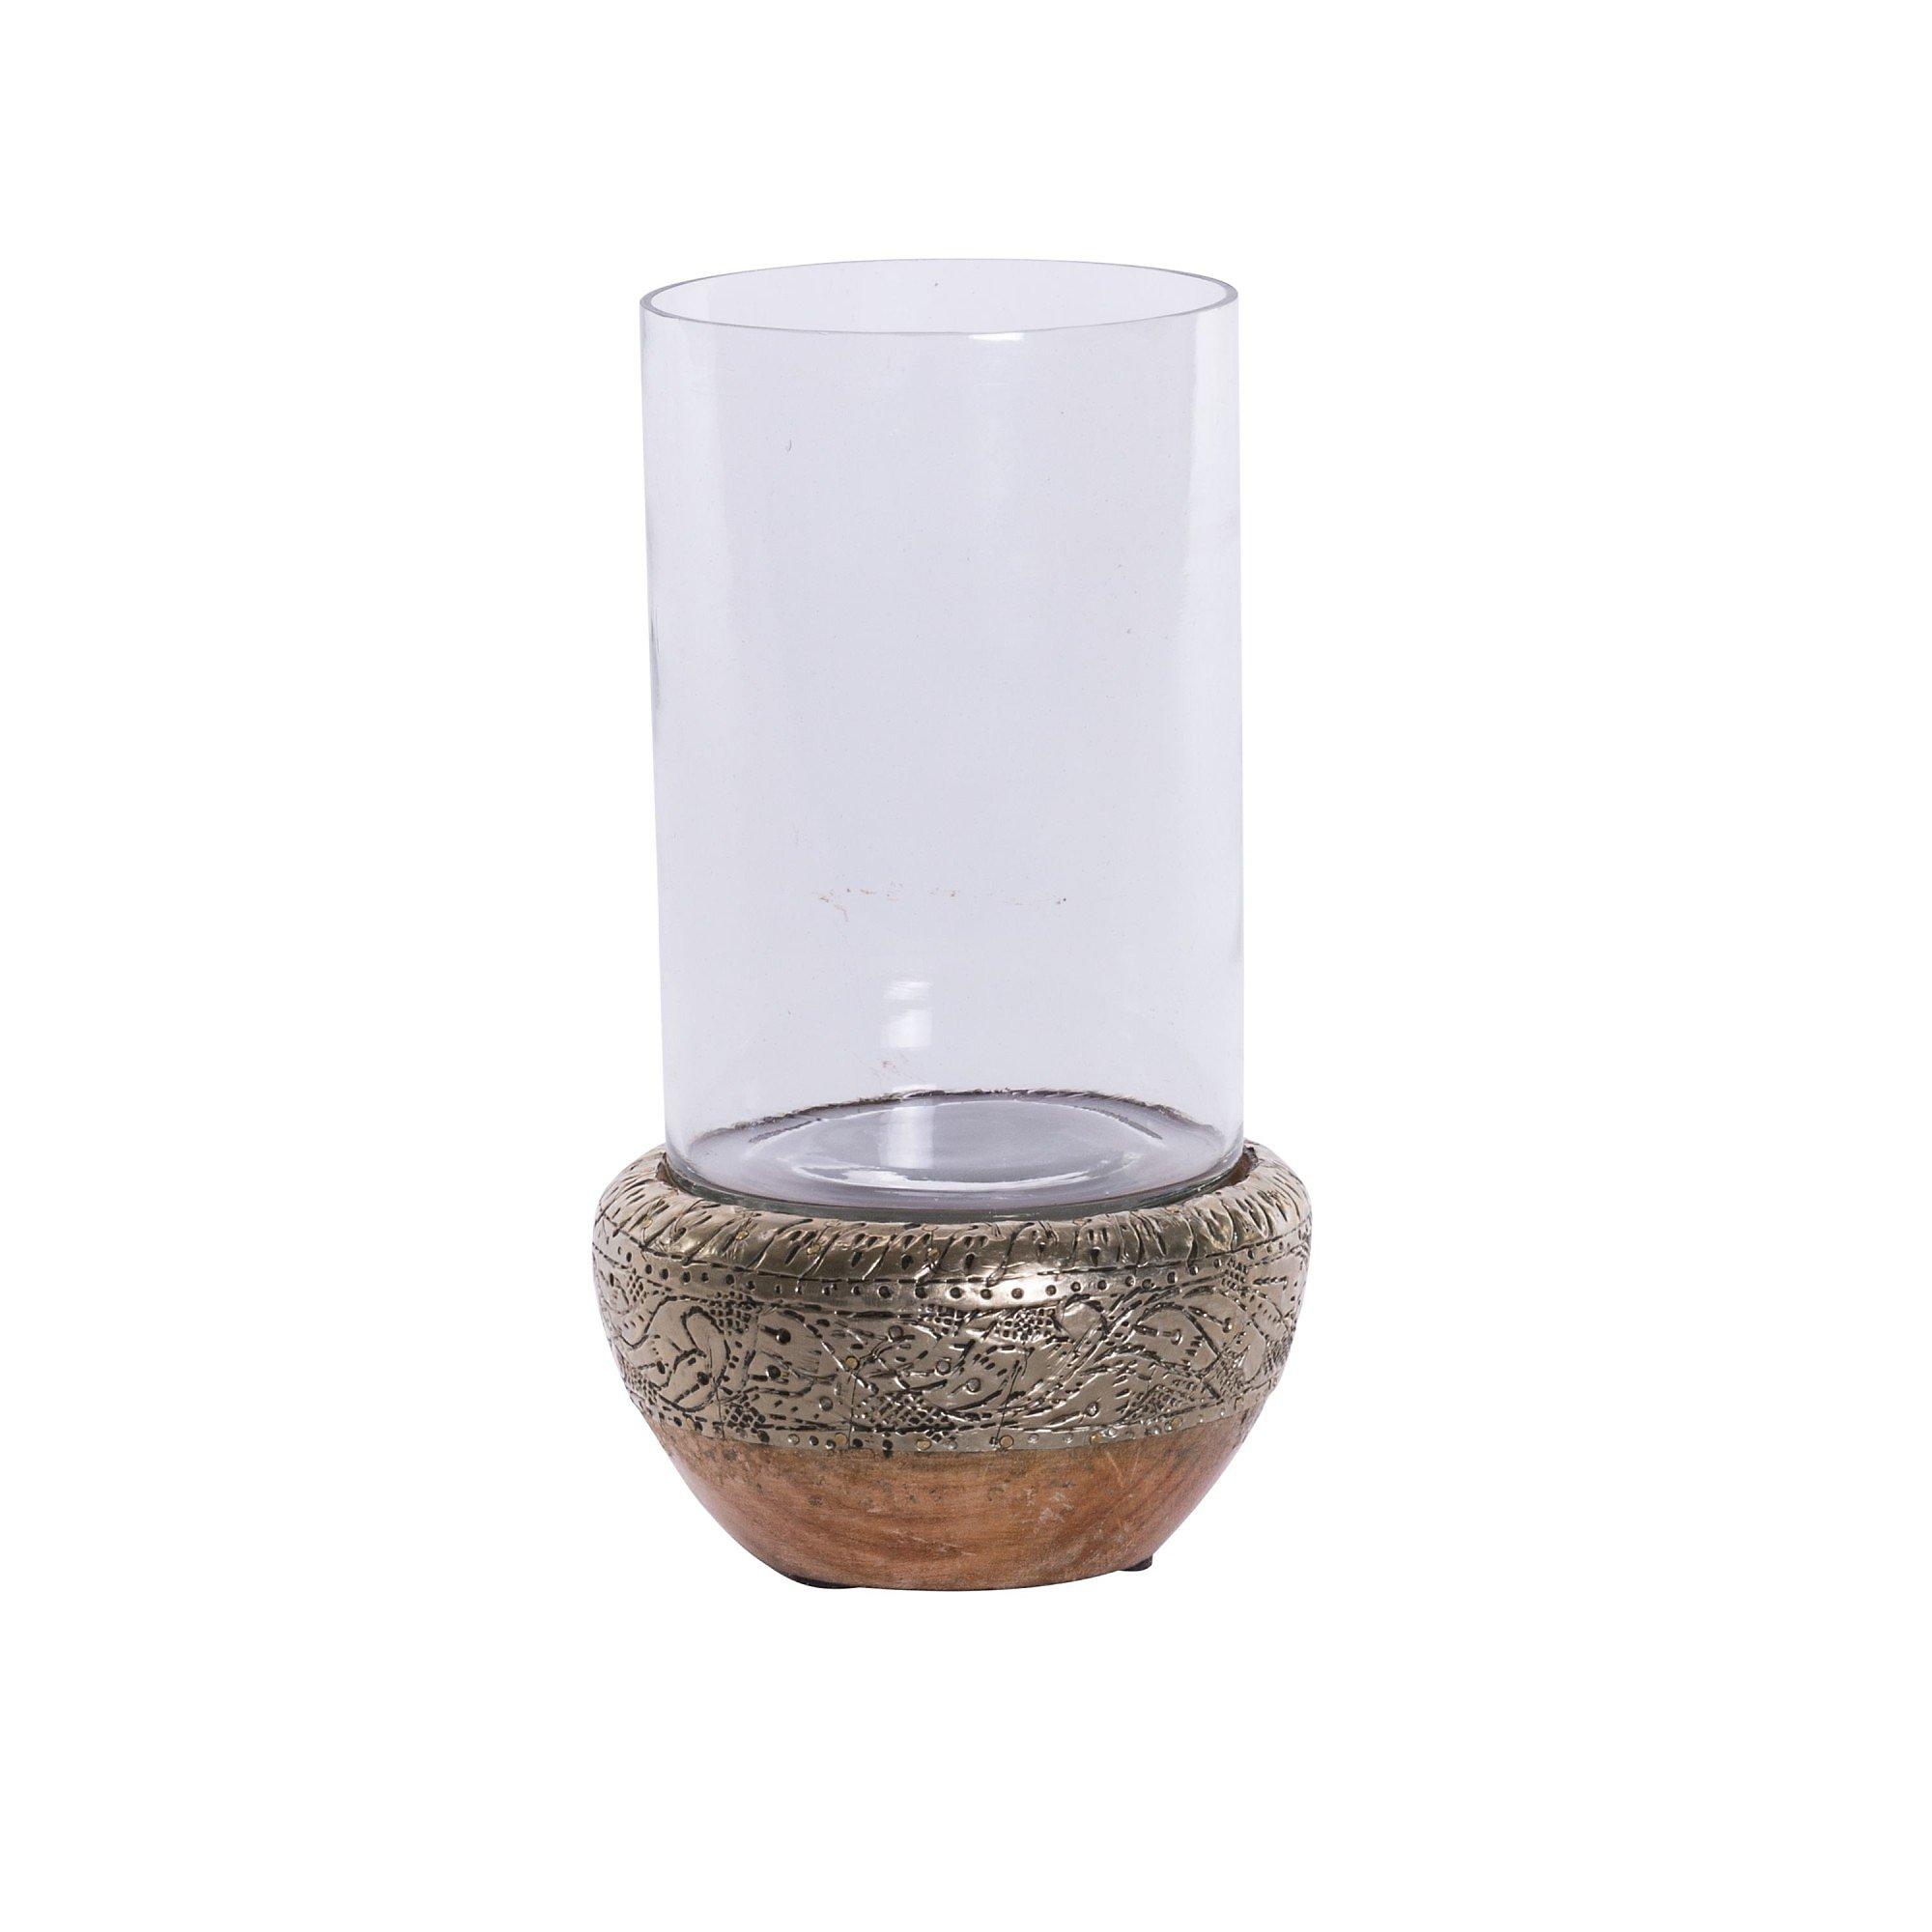 Windlicht Gro Glas Metall. Windlicht Glas Gross Windlicht